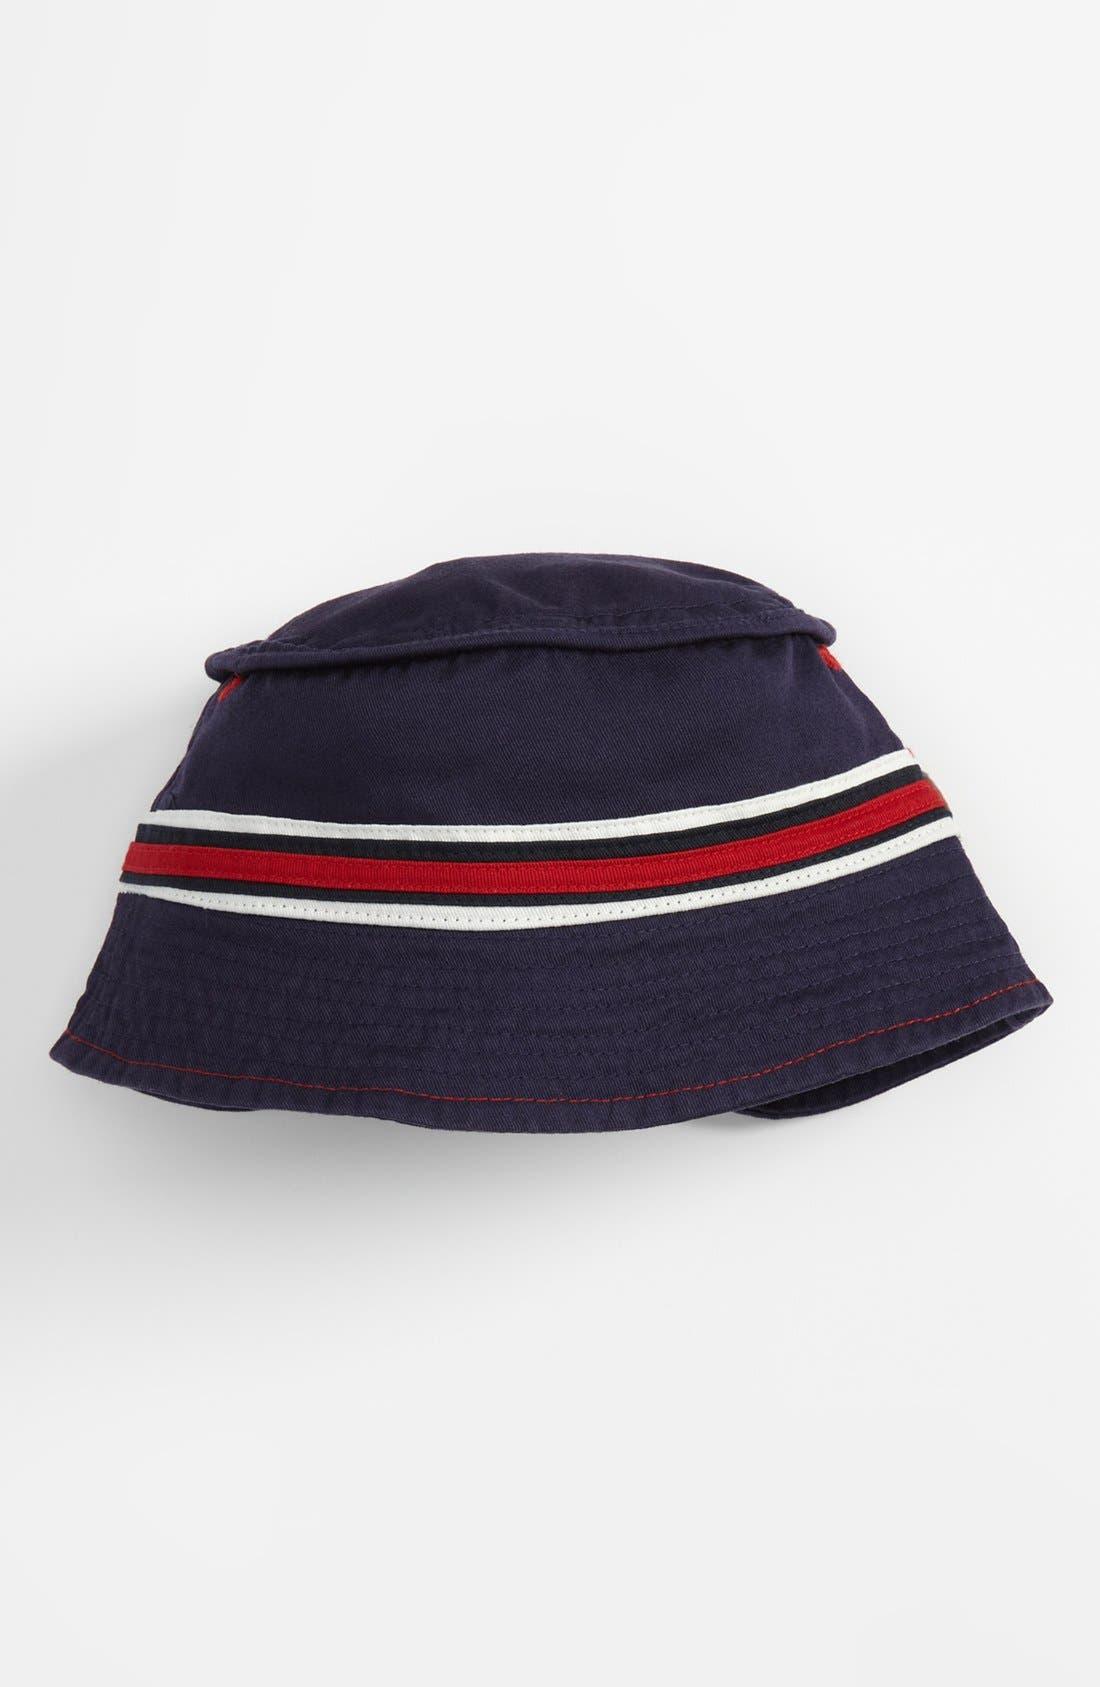 Main Image - Nolan Glove Bucket Hat (Toddler)